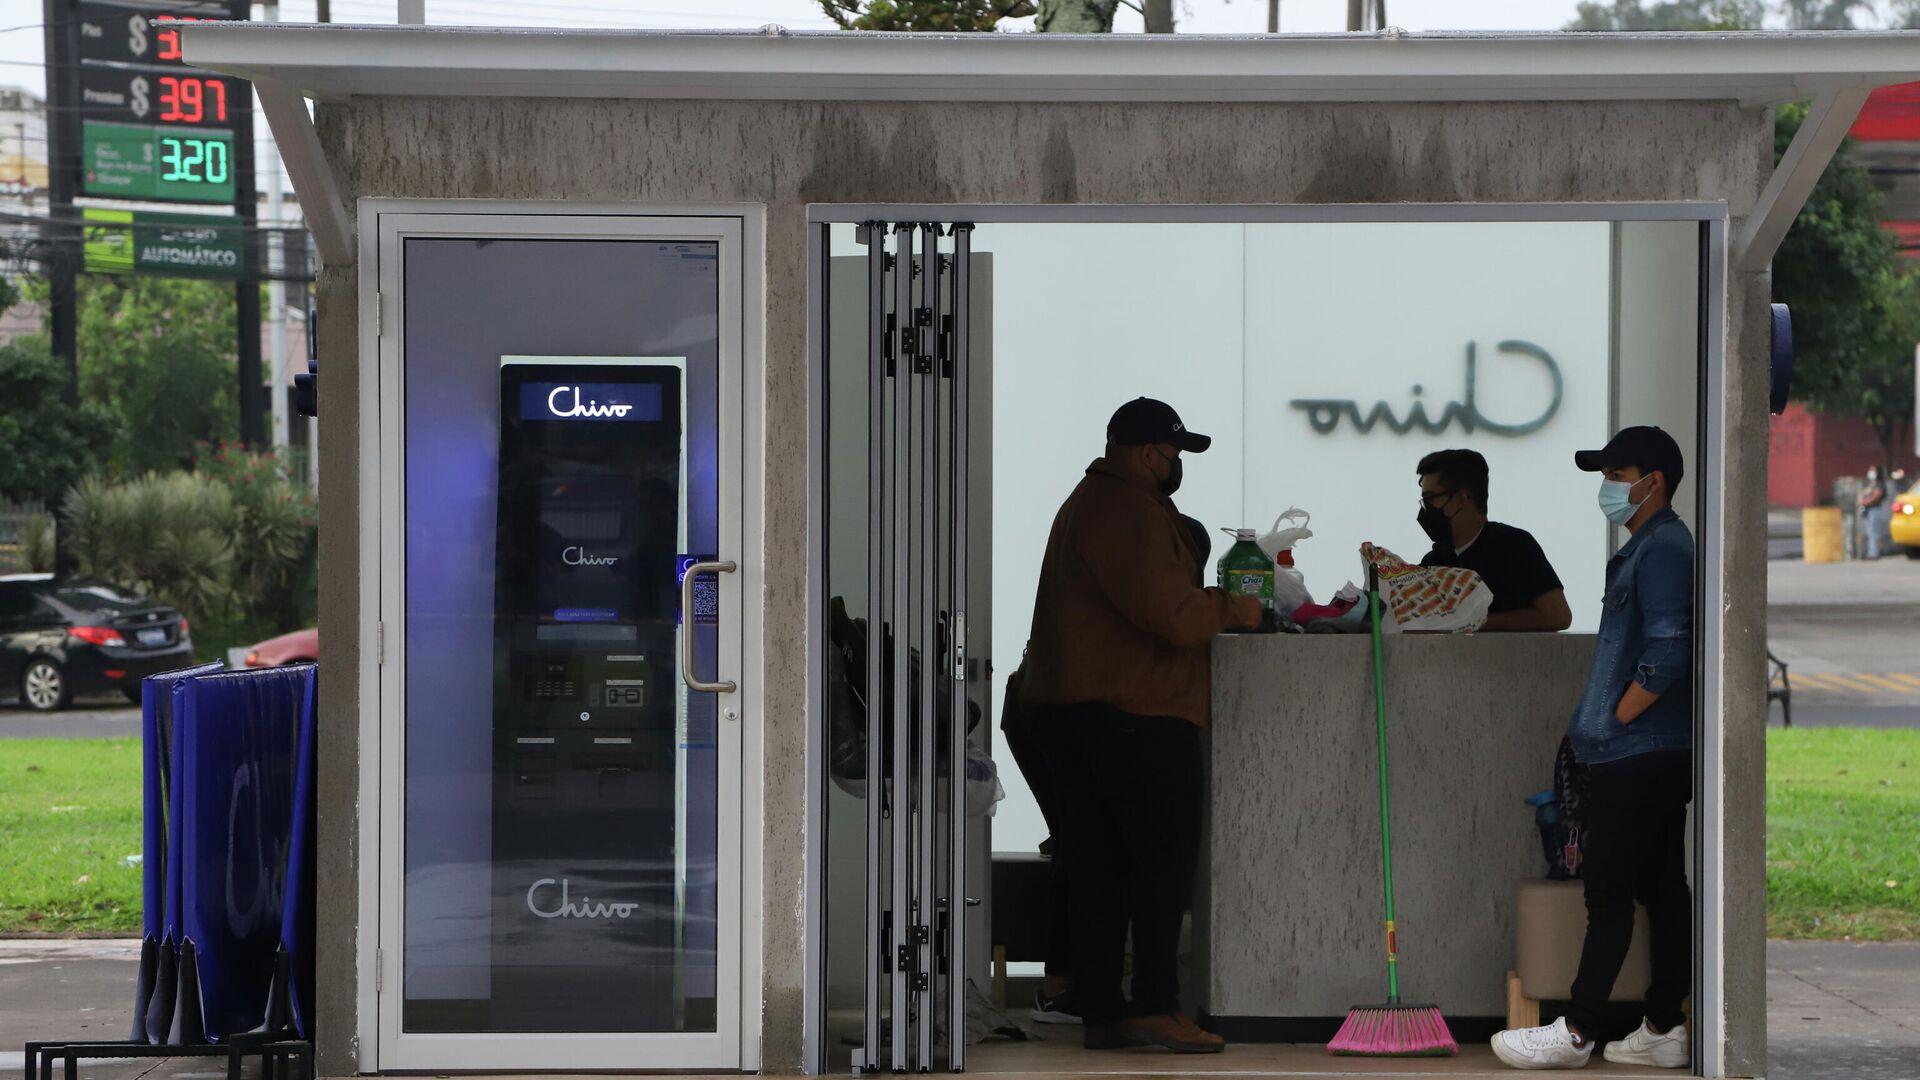 Una estación de Chivo para intercambiar efectivo por bitcoines en El Salvador - Sputnik Mundo, 1920, 07.09.2021